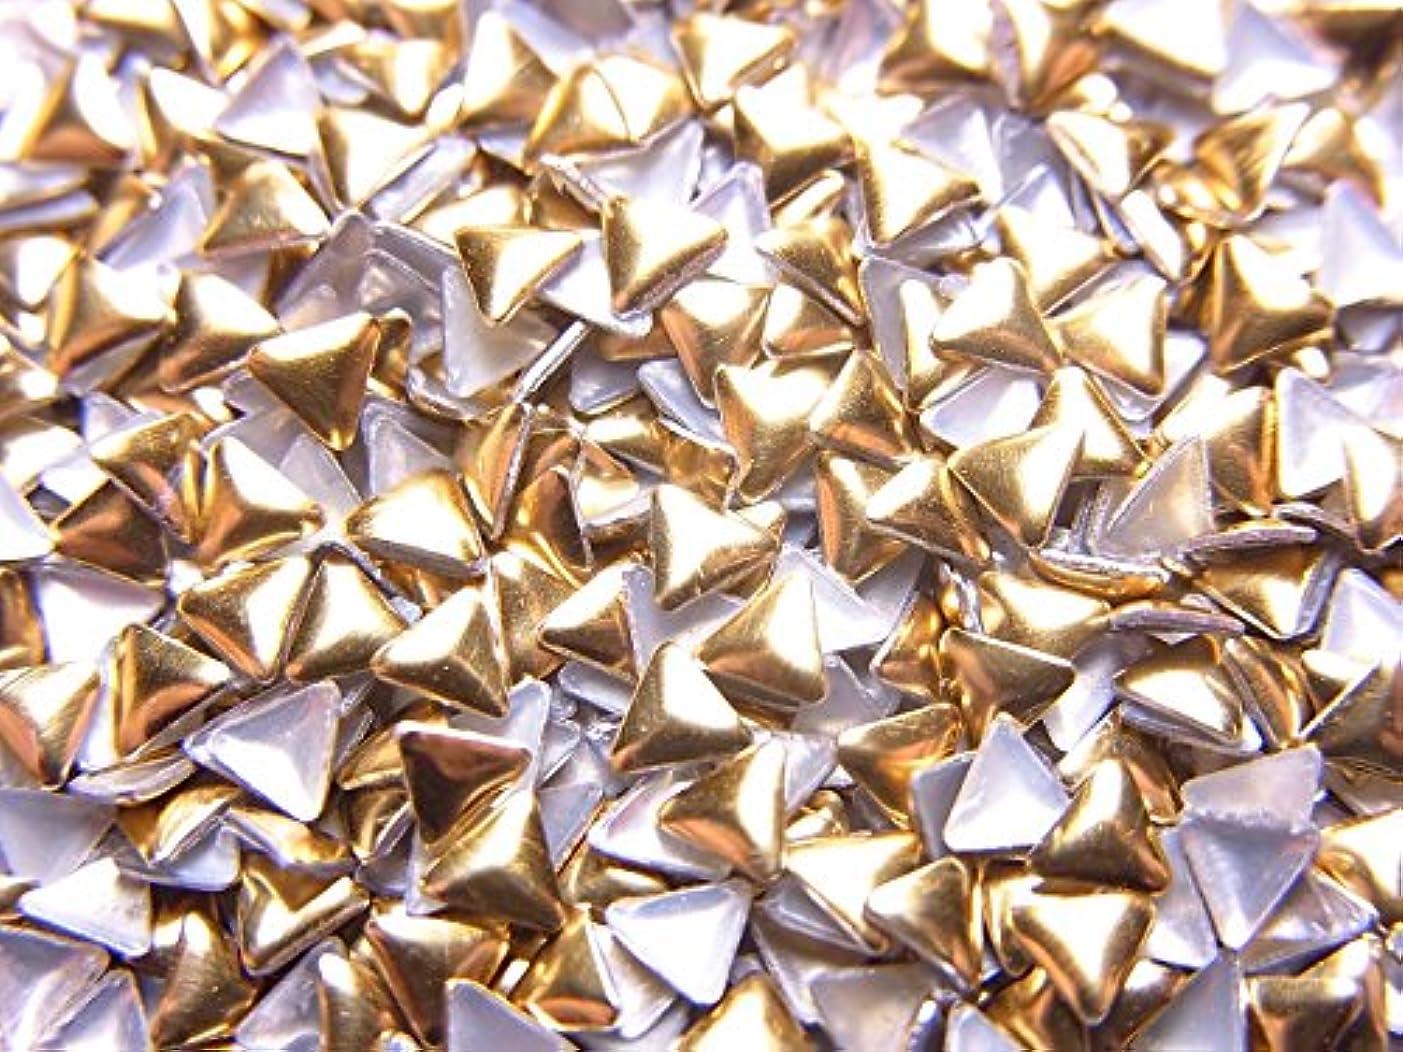 虎外国人オンス【jewel】メタルスタッズ 多種類 ゴールドorシルバー 各サイズ 選択可能 (三角形(トライアングル) 3mm, ゴールド)